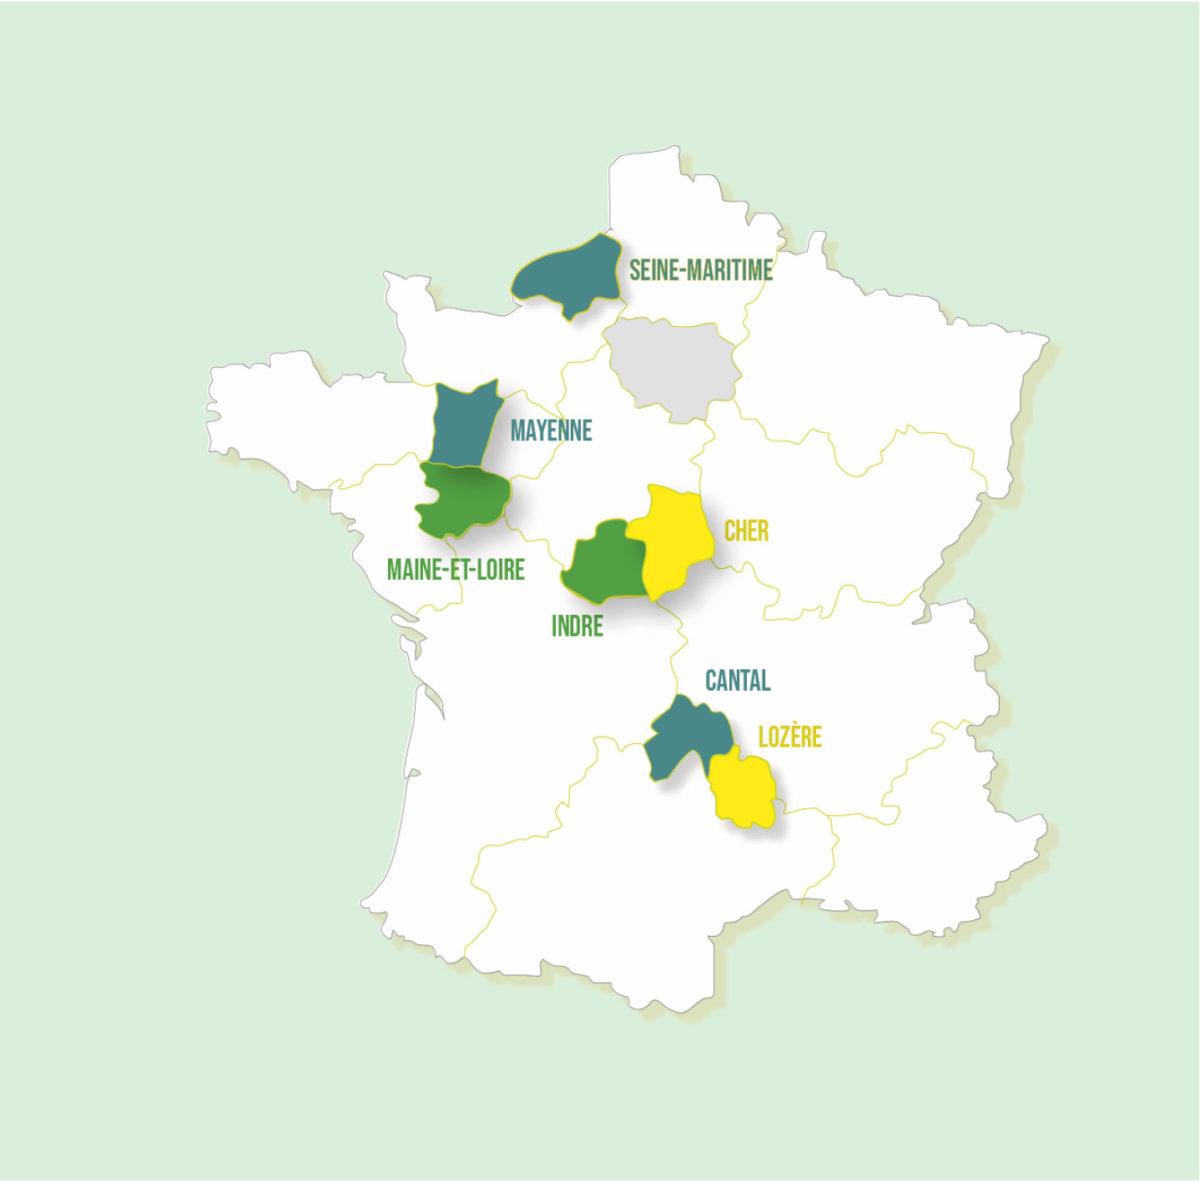 Le programme EMILE intègre 3 nouveaux territoires